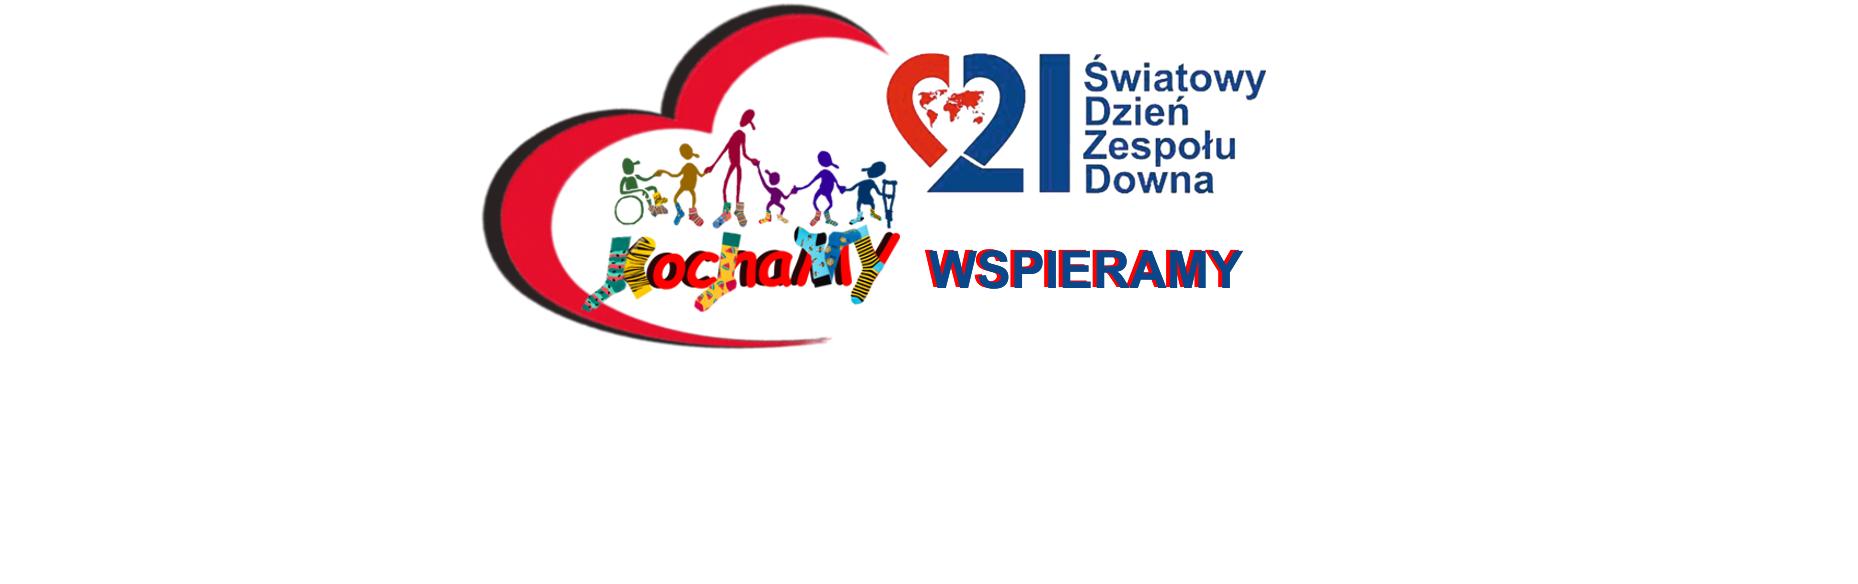 21 Marca Światowy Dzień Zespołu Downa